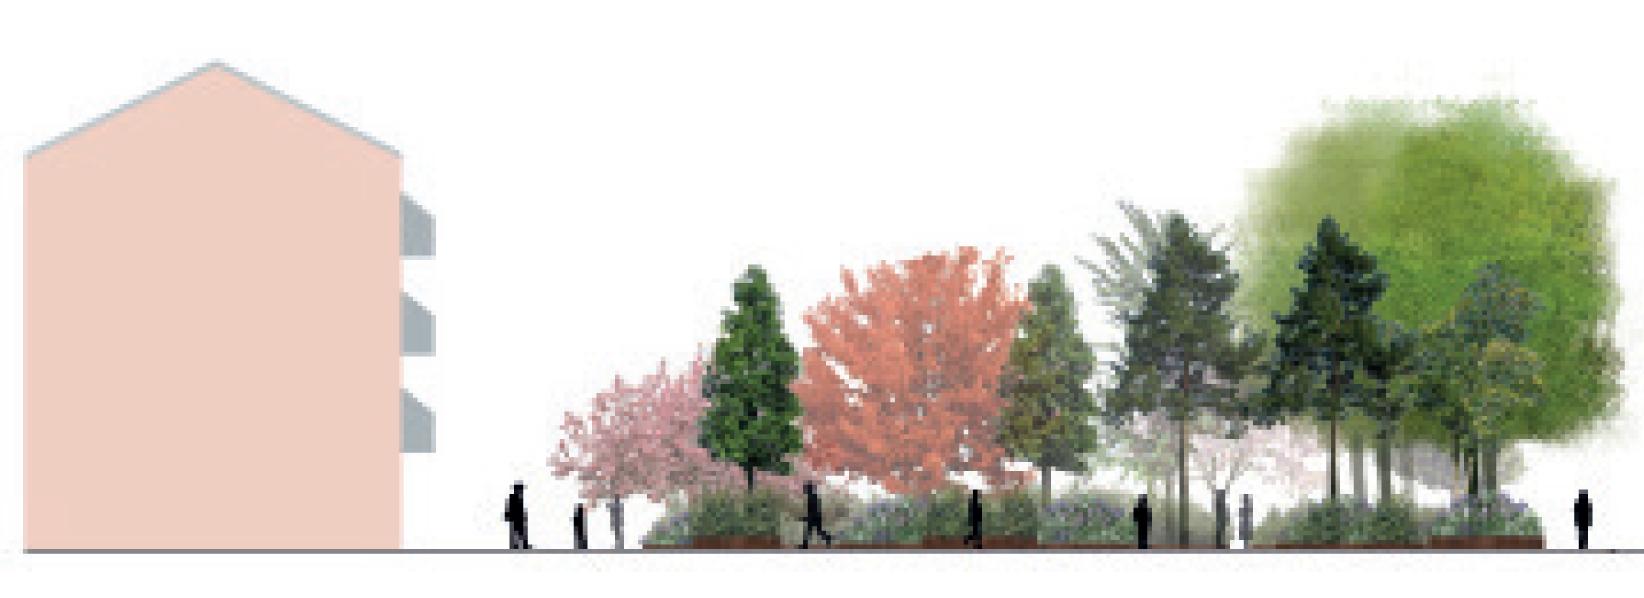 Opstalt træer, plan, Parken i stengade